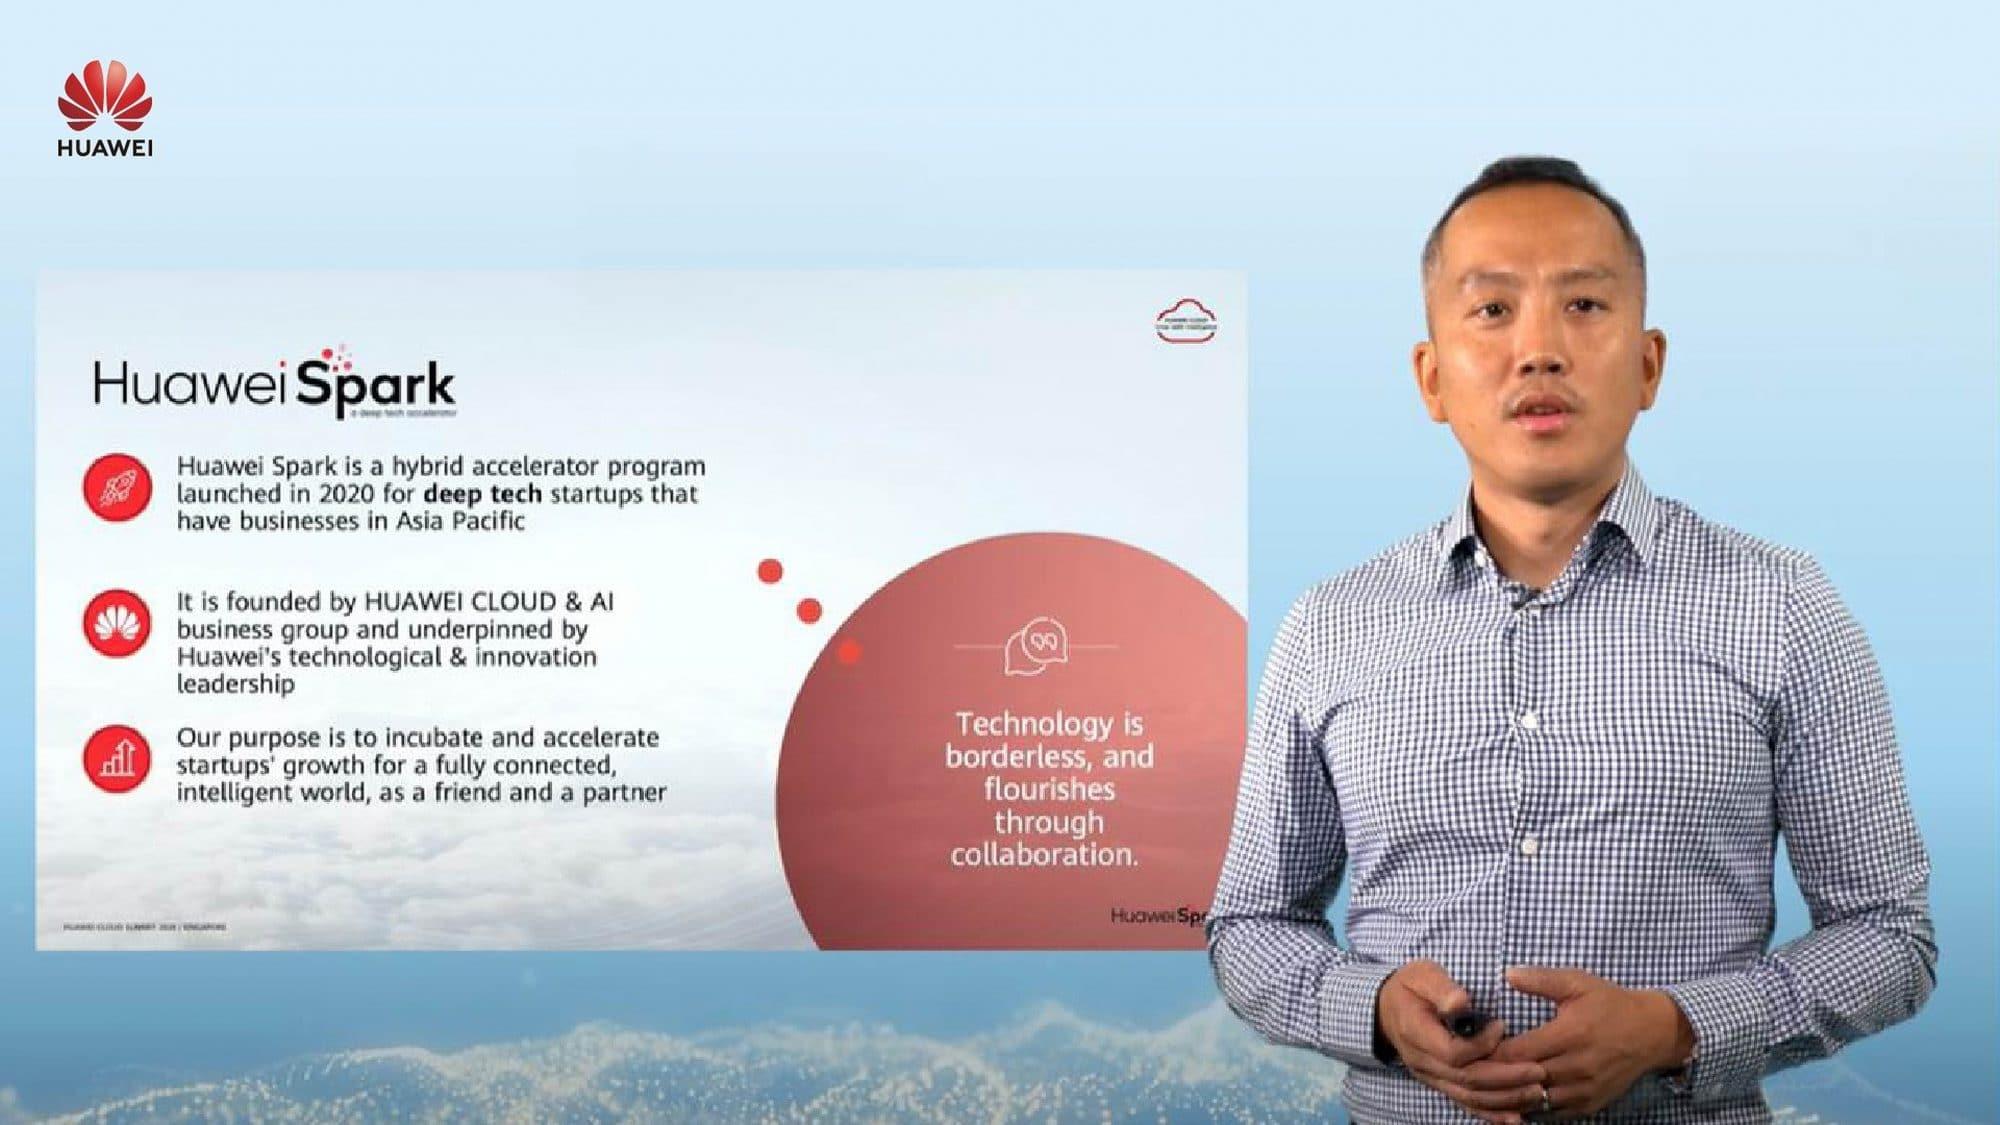 - หัวเว่ย เปิดตัวโครงการ Spark & Blossom หนุนอีโคซิสเต็ม Cloud สำหรับตลาดภูมิภาคเอเชียแปซิฟิก